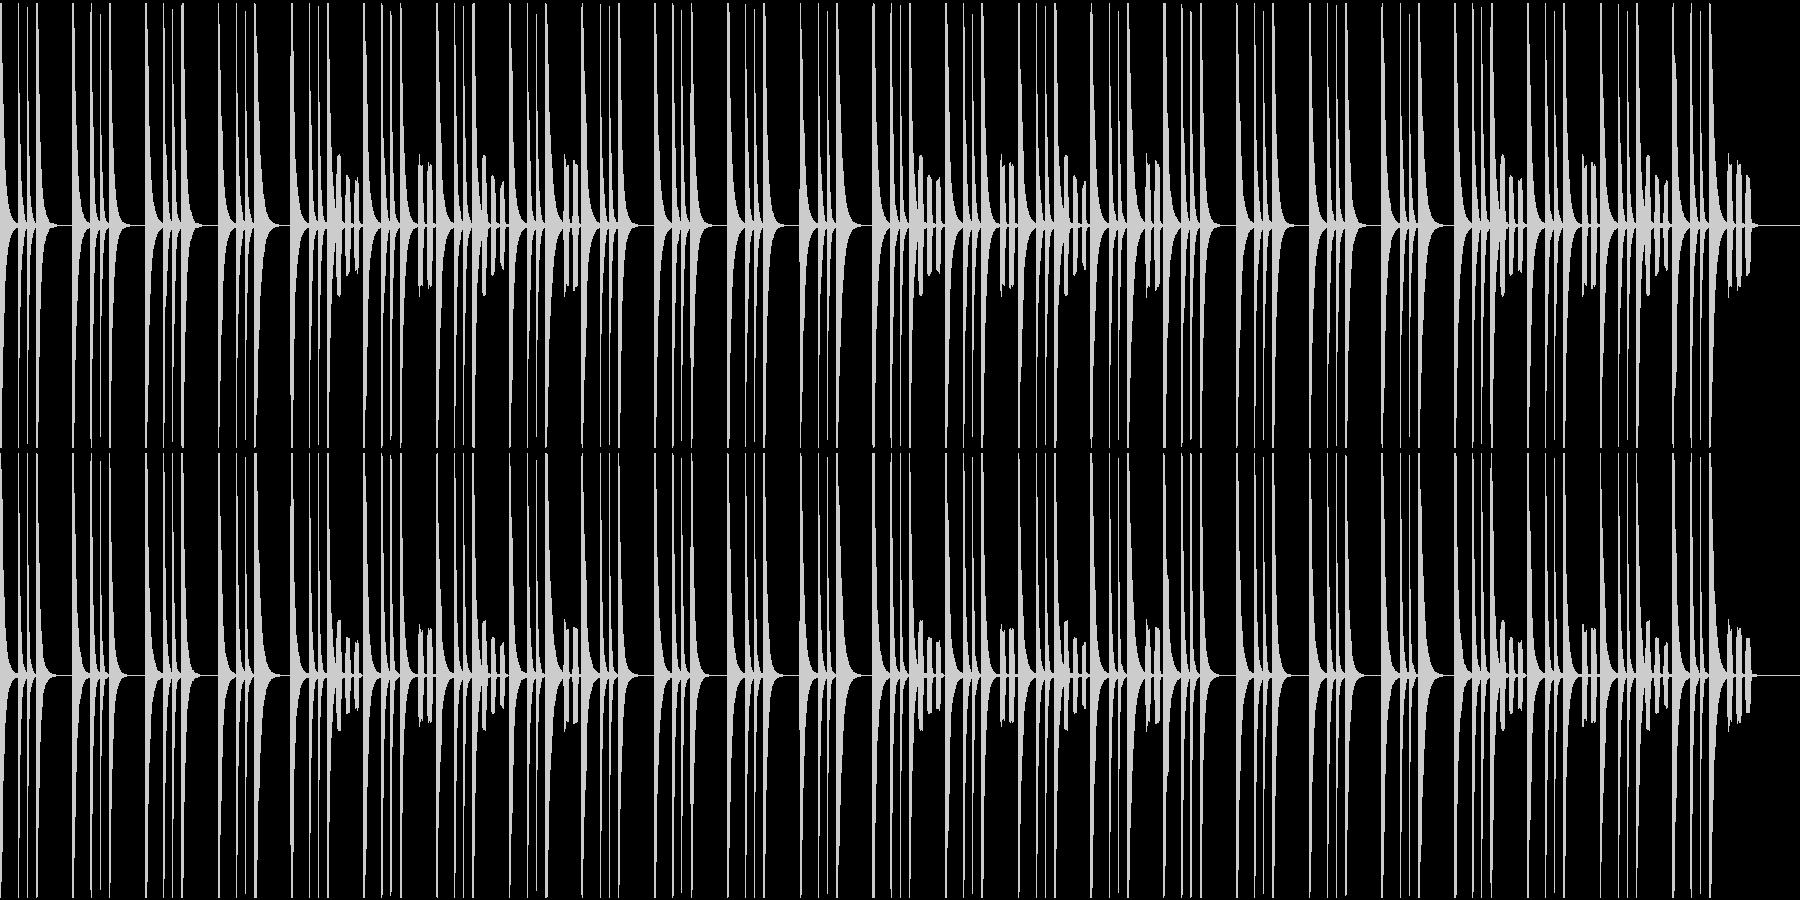 ホッとするBGMの未再生の波形